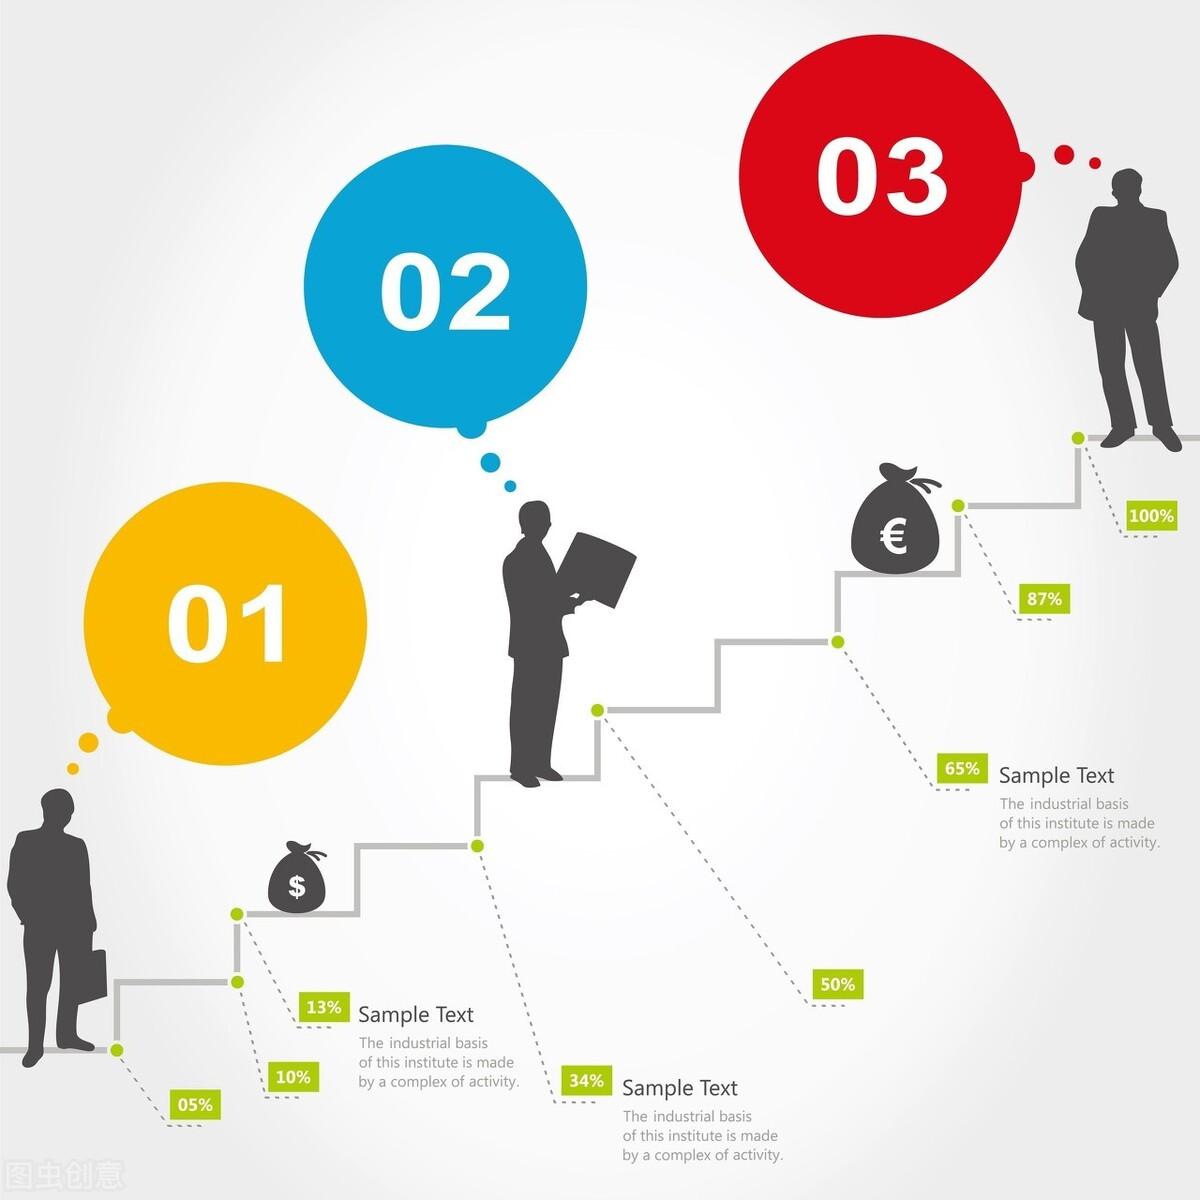 B2B经销商渠道管理系统-全面赋能渠道管理,加速交易效率